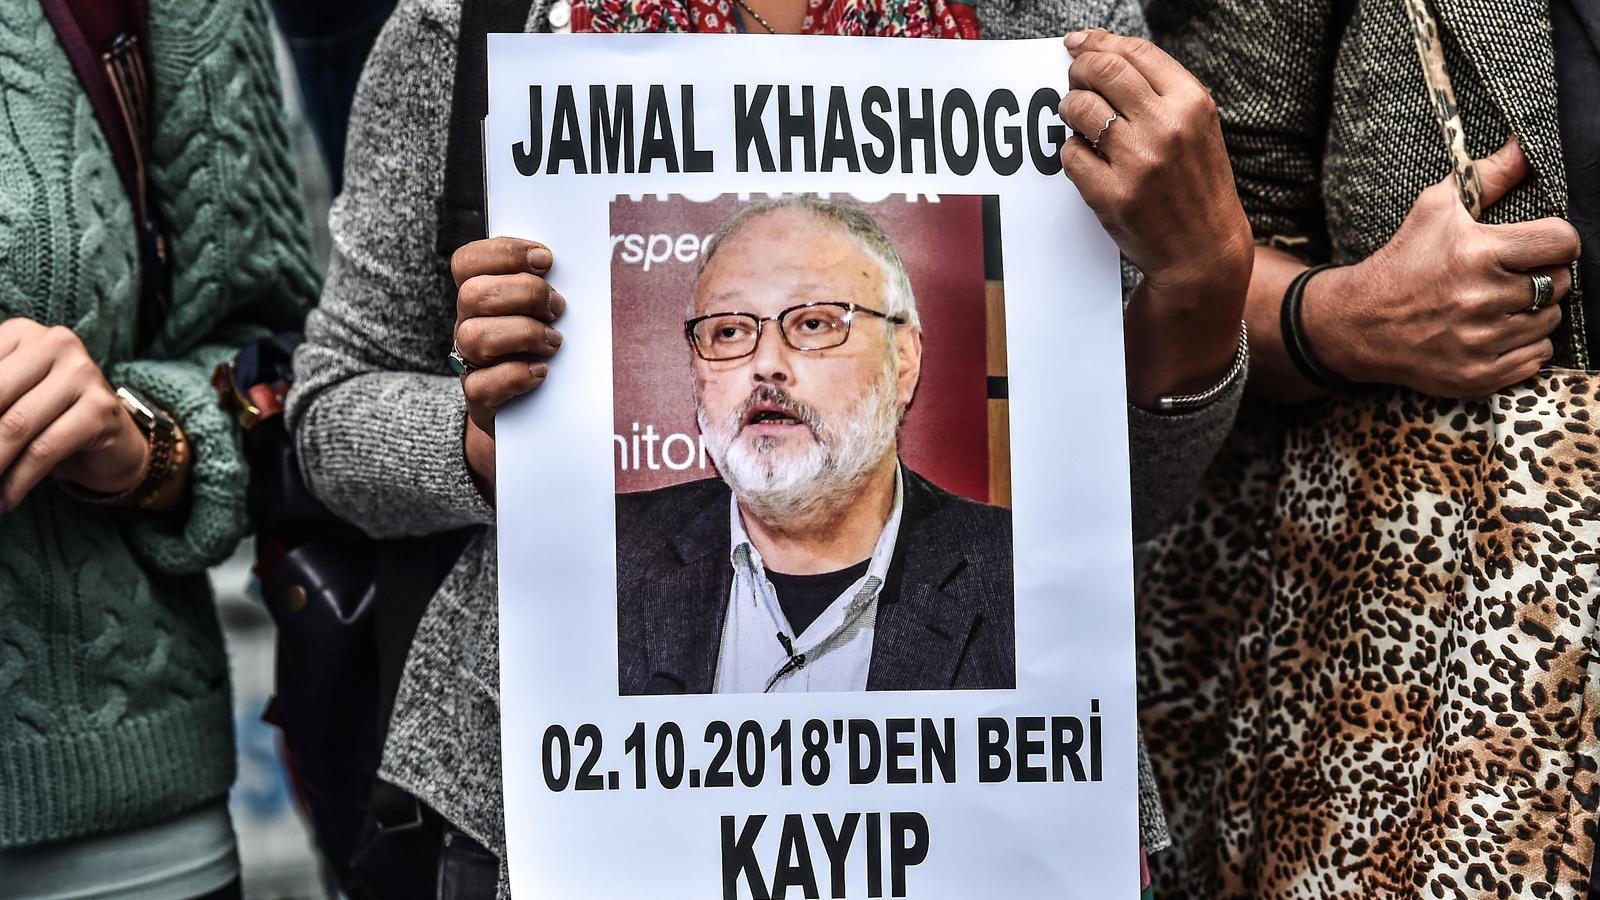 Qui és i per què molesta el periodista saudita Jamal Khashoggi, desaparegut a Turquia